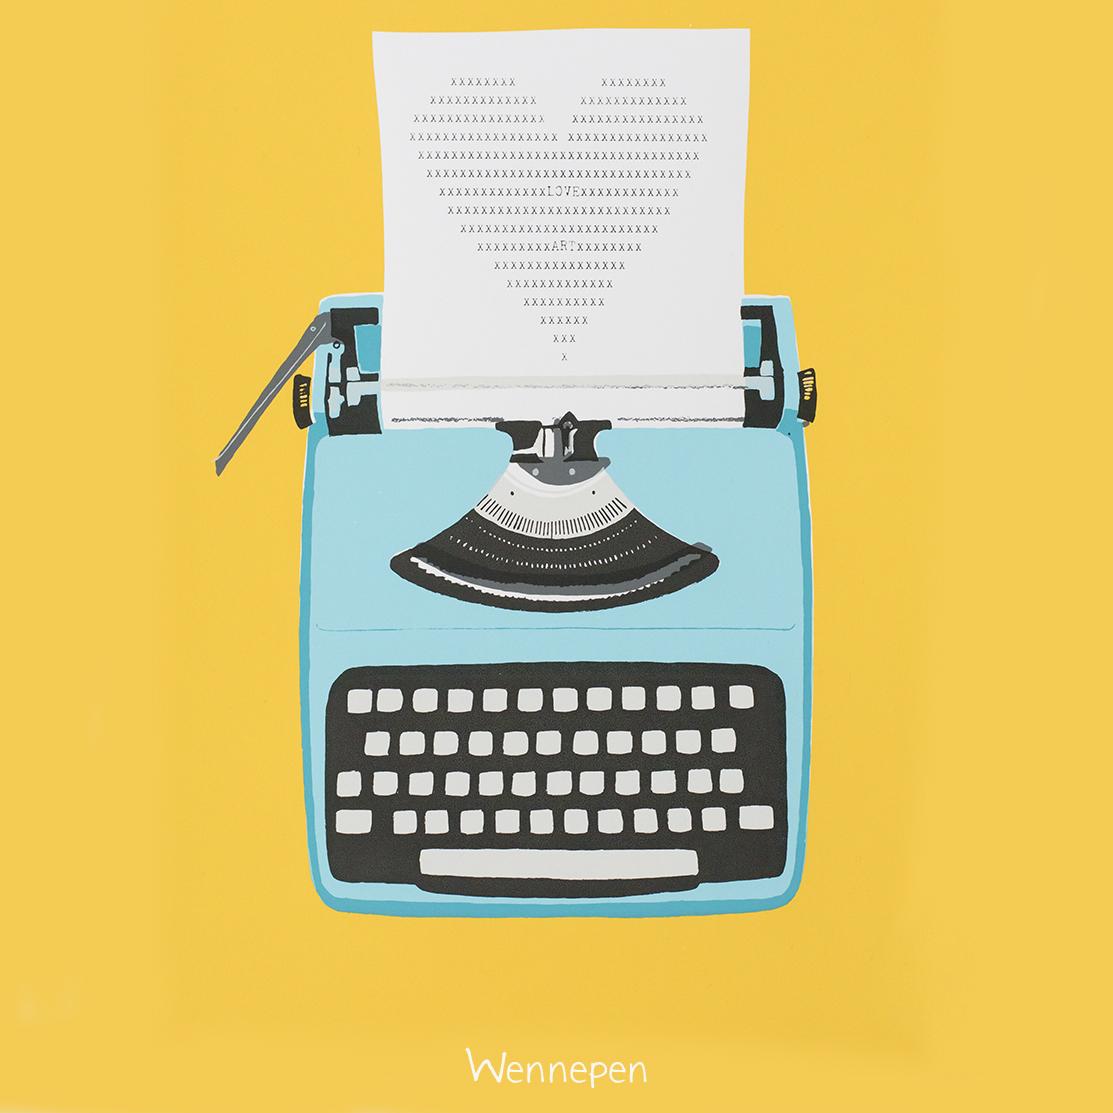 zeefdruk typemachine